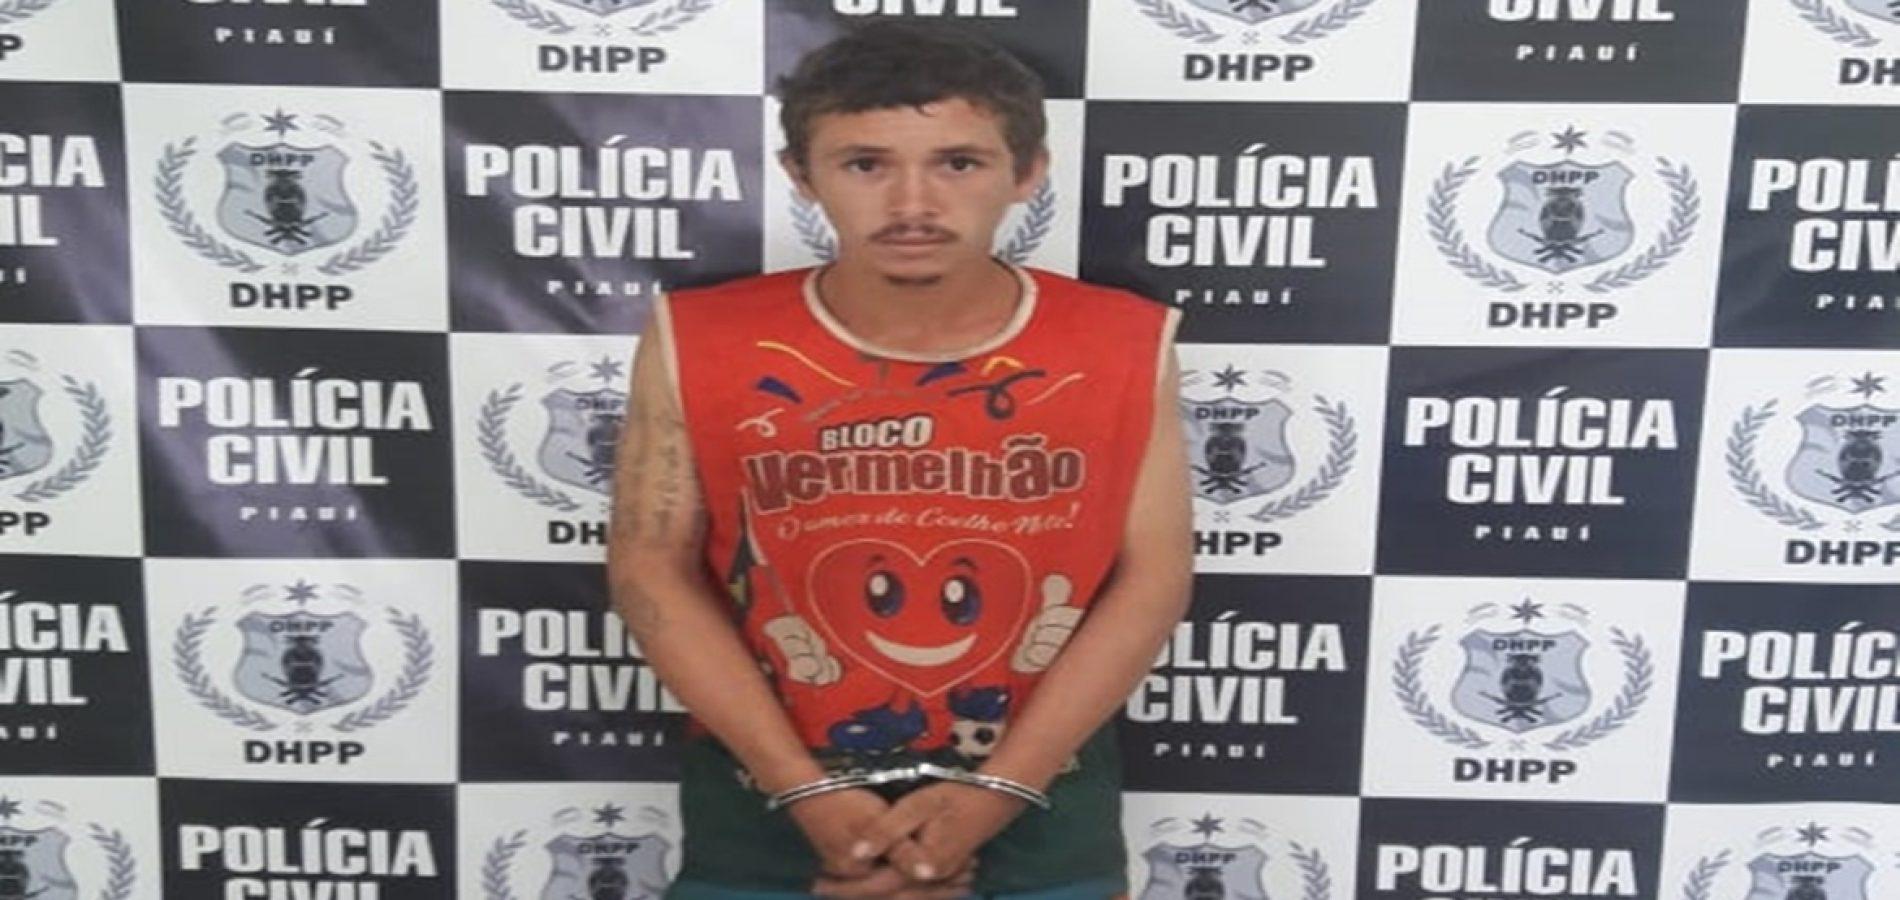 Homem é preso acusado de participação em latrocínio no Piauí